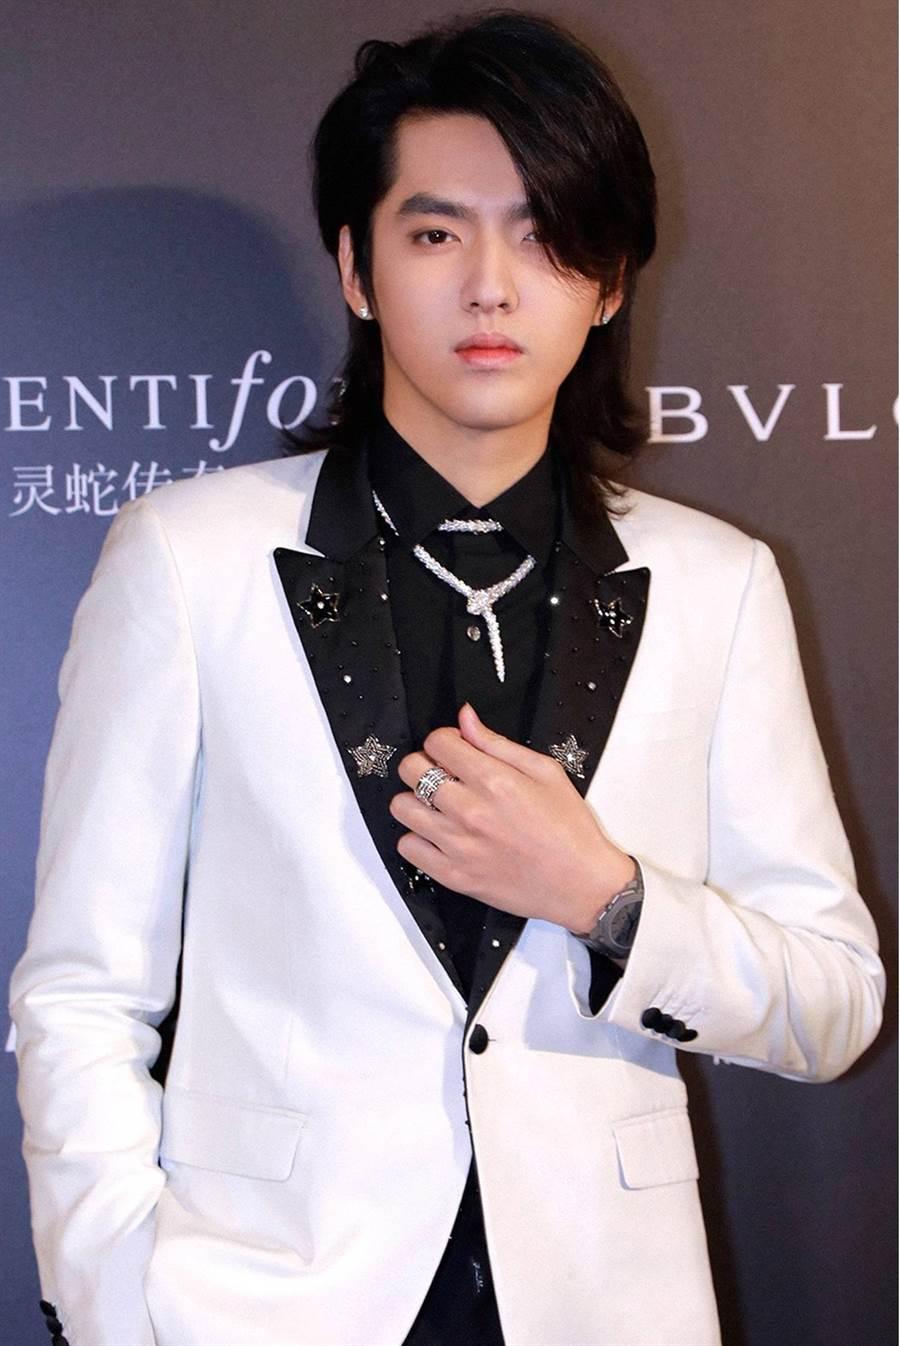 寶格麗品牌代言人吳亦凡出席《SerpentiForm》靈蛇傳奇珠寶藝術展開幕派對。(BVLGARI提供)